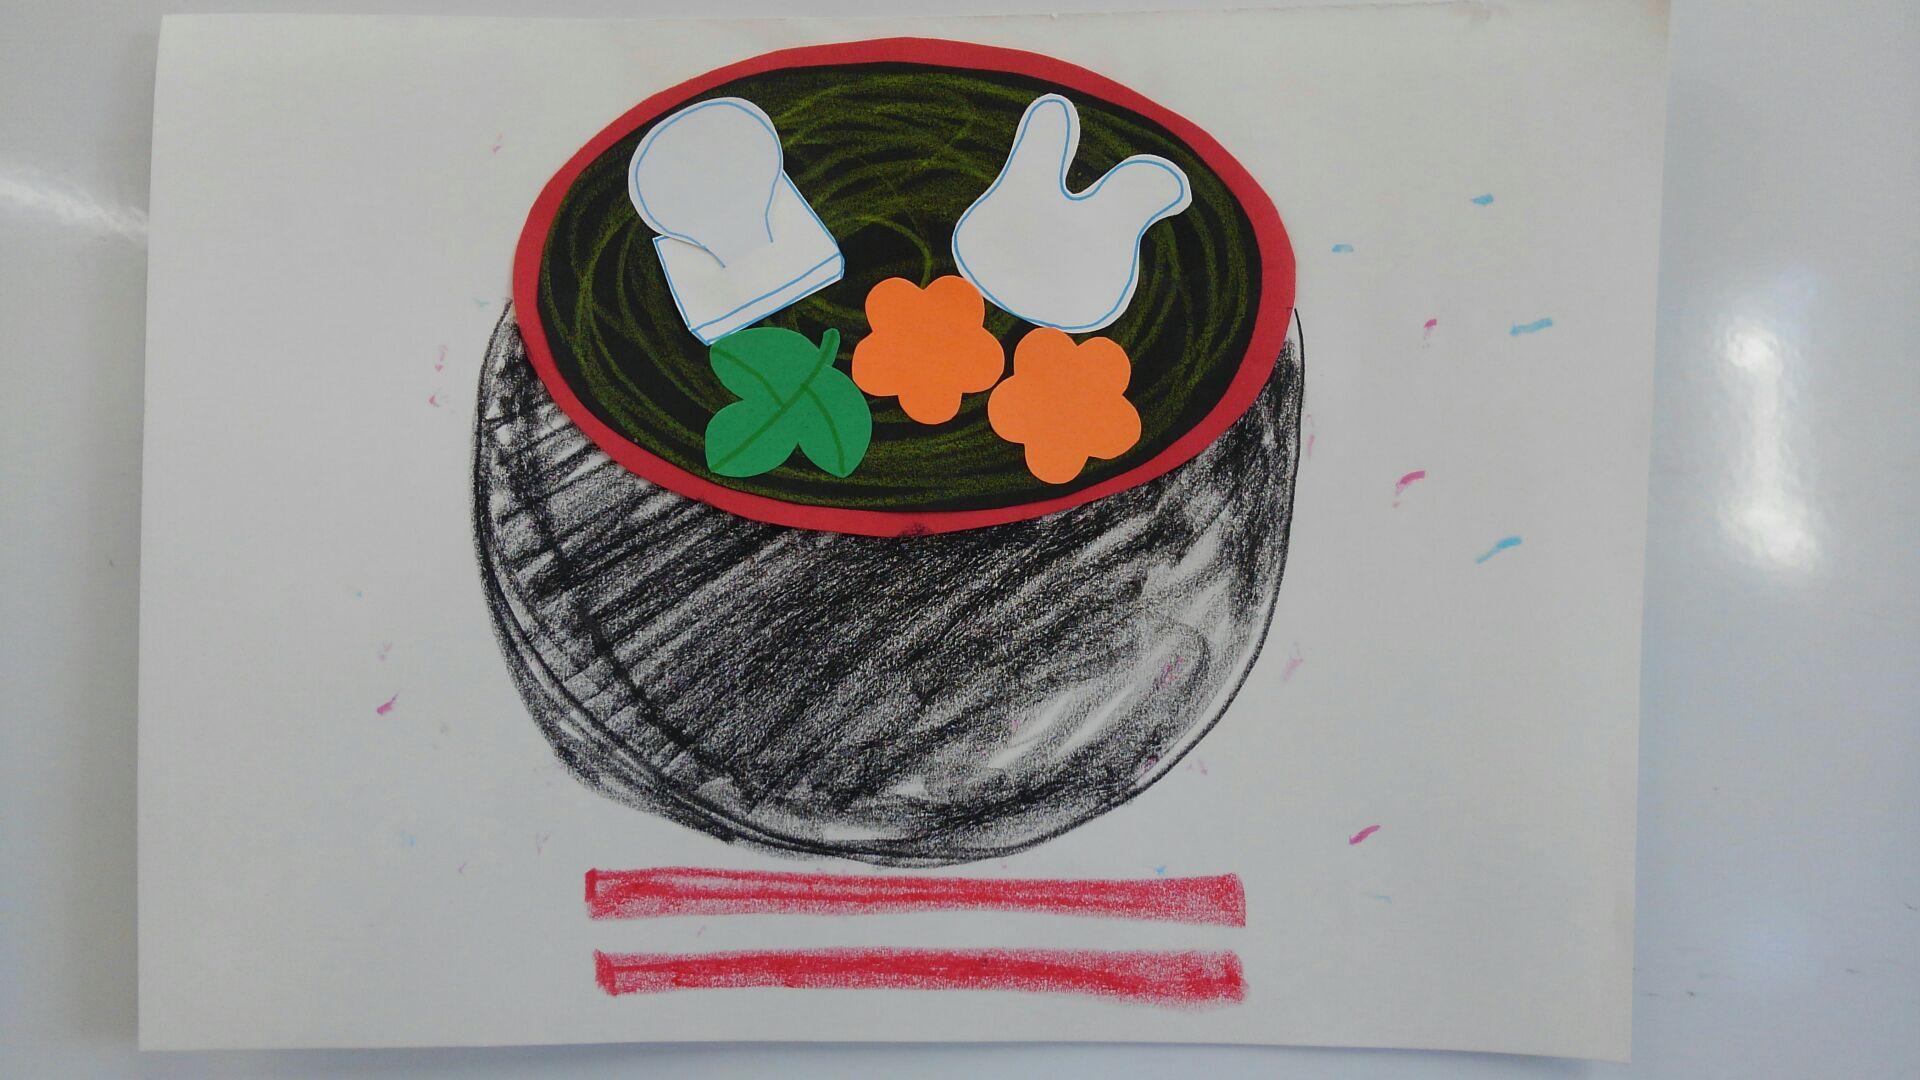 「造形」の時間では、お雑煮がテーマでした。ふくらんだお餅やうさぎさんの形になっているお餅のほか、花びらの形に切られた人参など賑やかです。